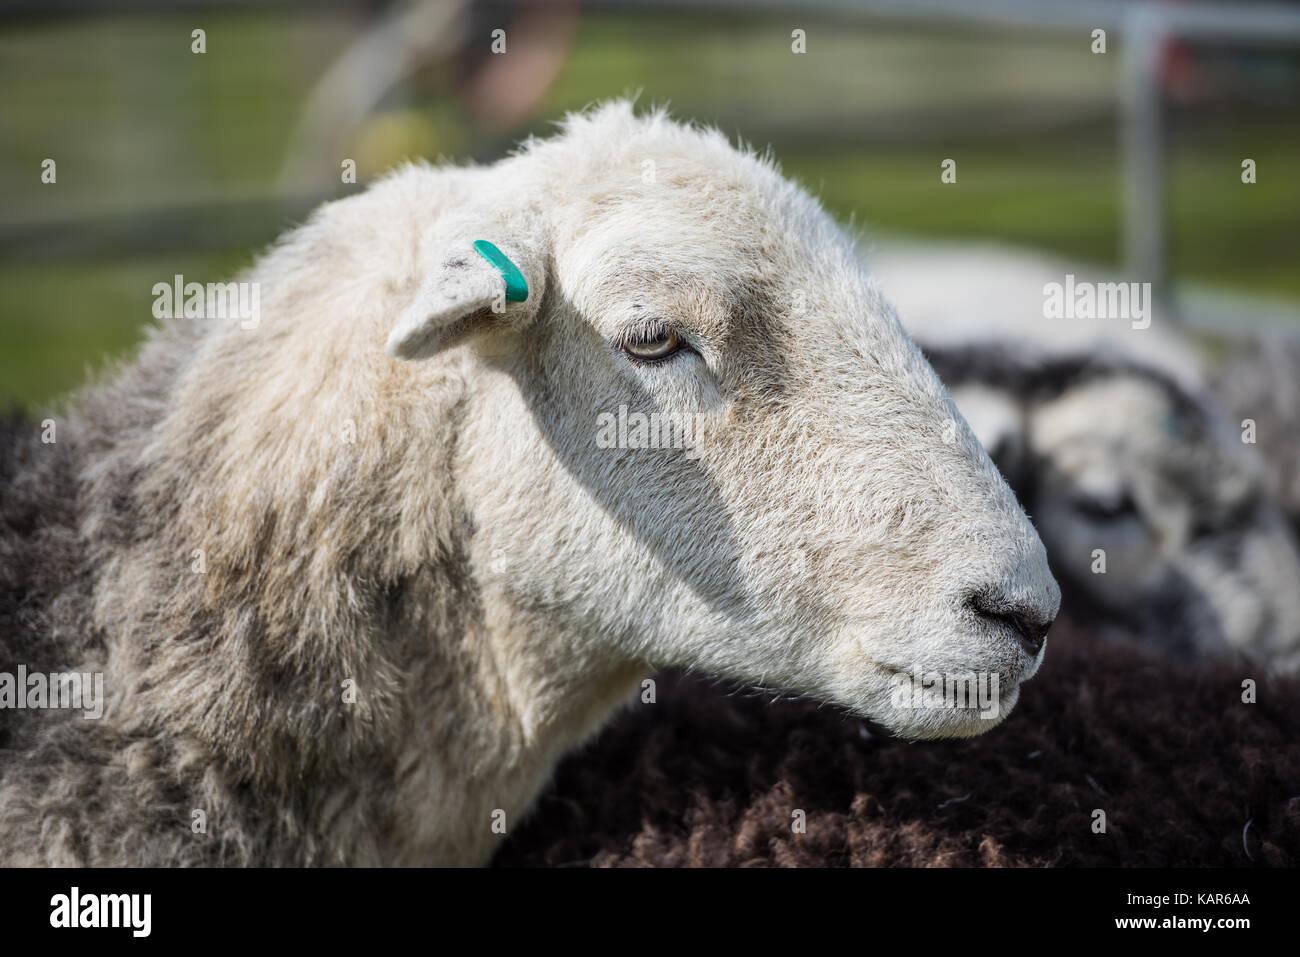 Herdwick-schafe urteilen, südlichen Landwirtschaft zeigen, Insel Man. Stockfoto